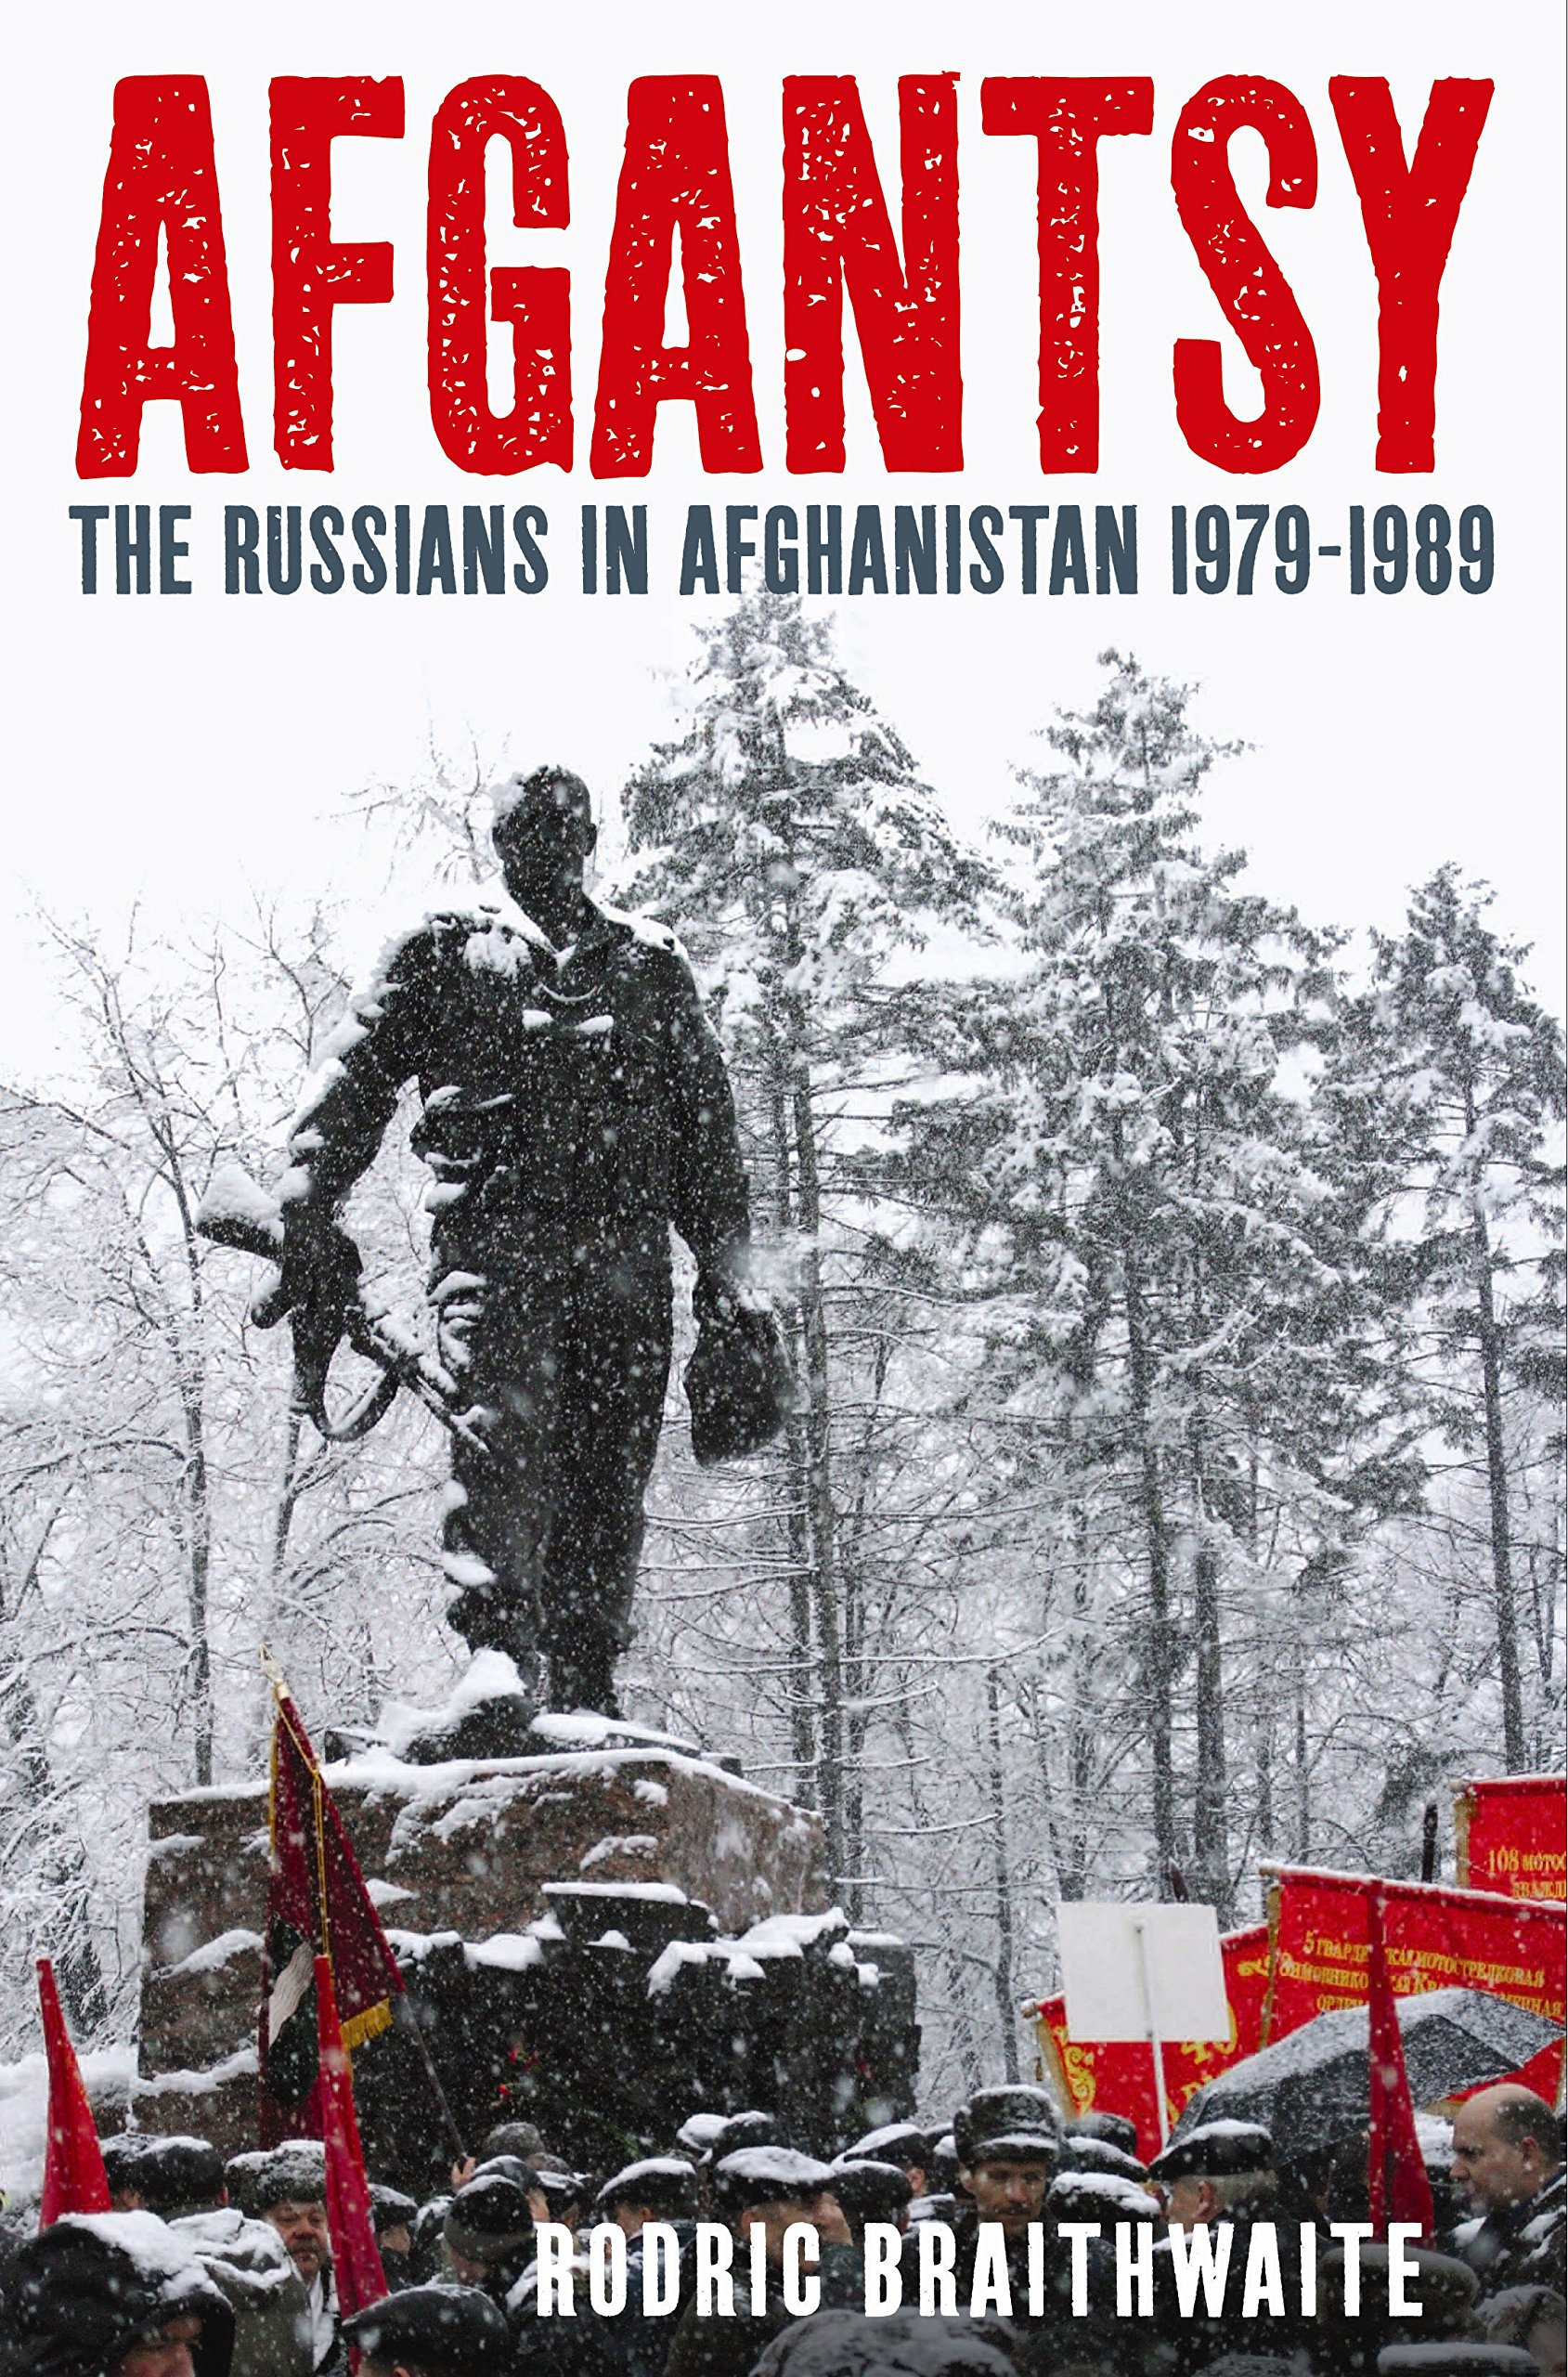 Download Afgantsy: The Russians in Afghanistan, 1979-89. Rodric Braithwaite ebook